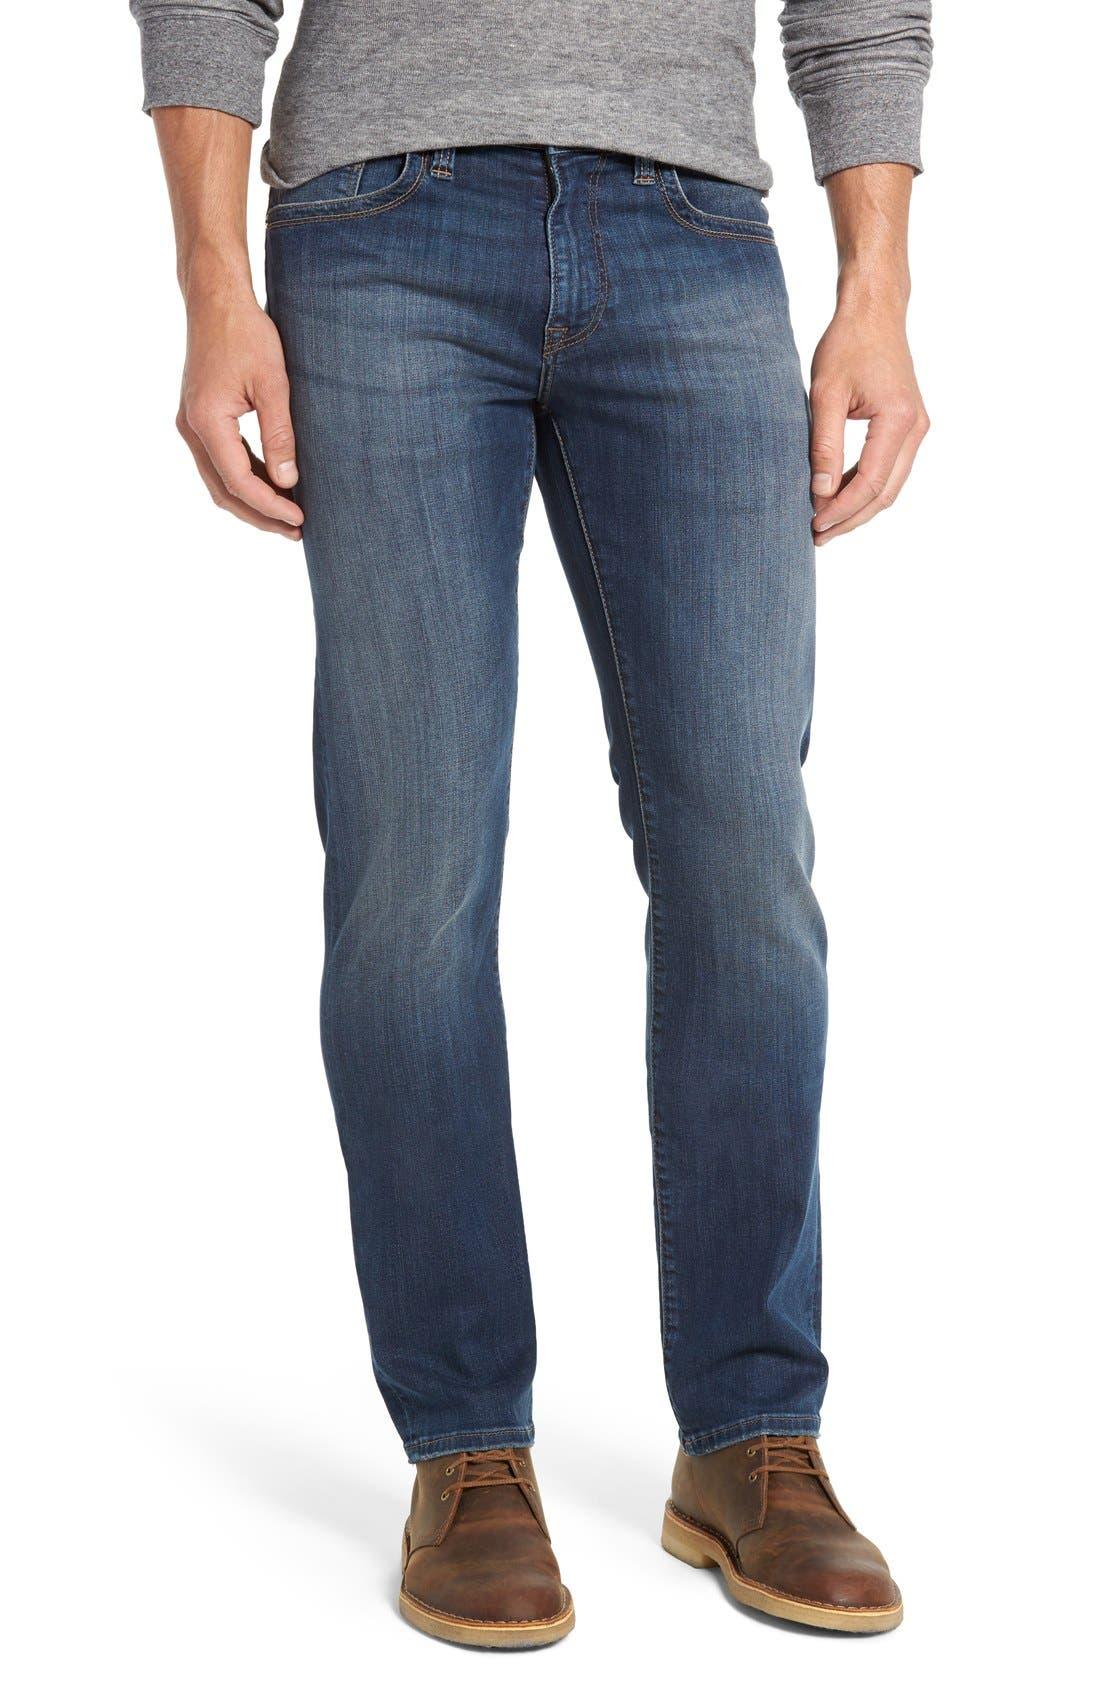 34 Heritage 'Courage' Straight Leg Jeans (Mid Vintage)